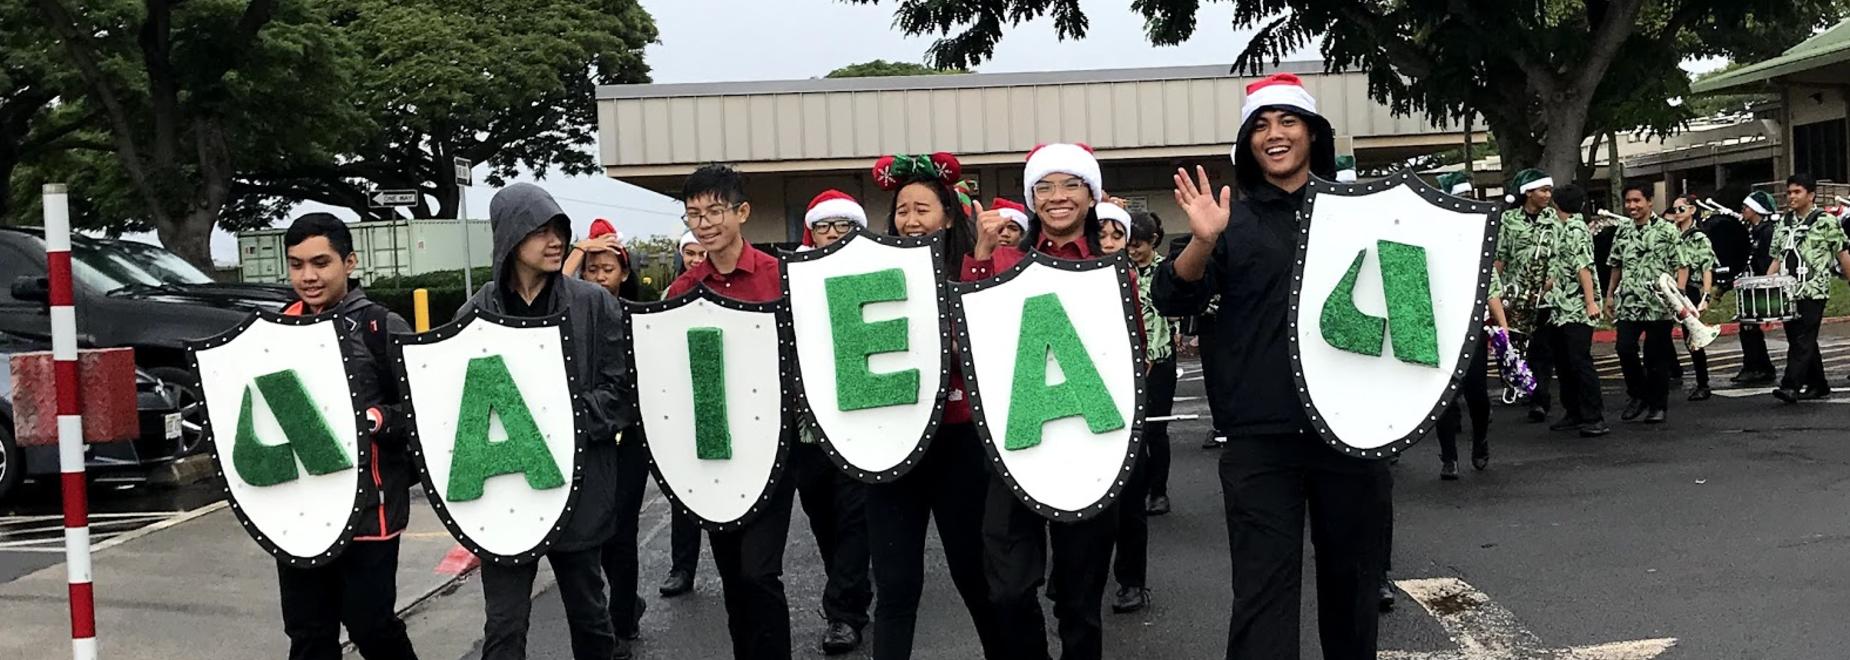 'Aiea Community Parade